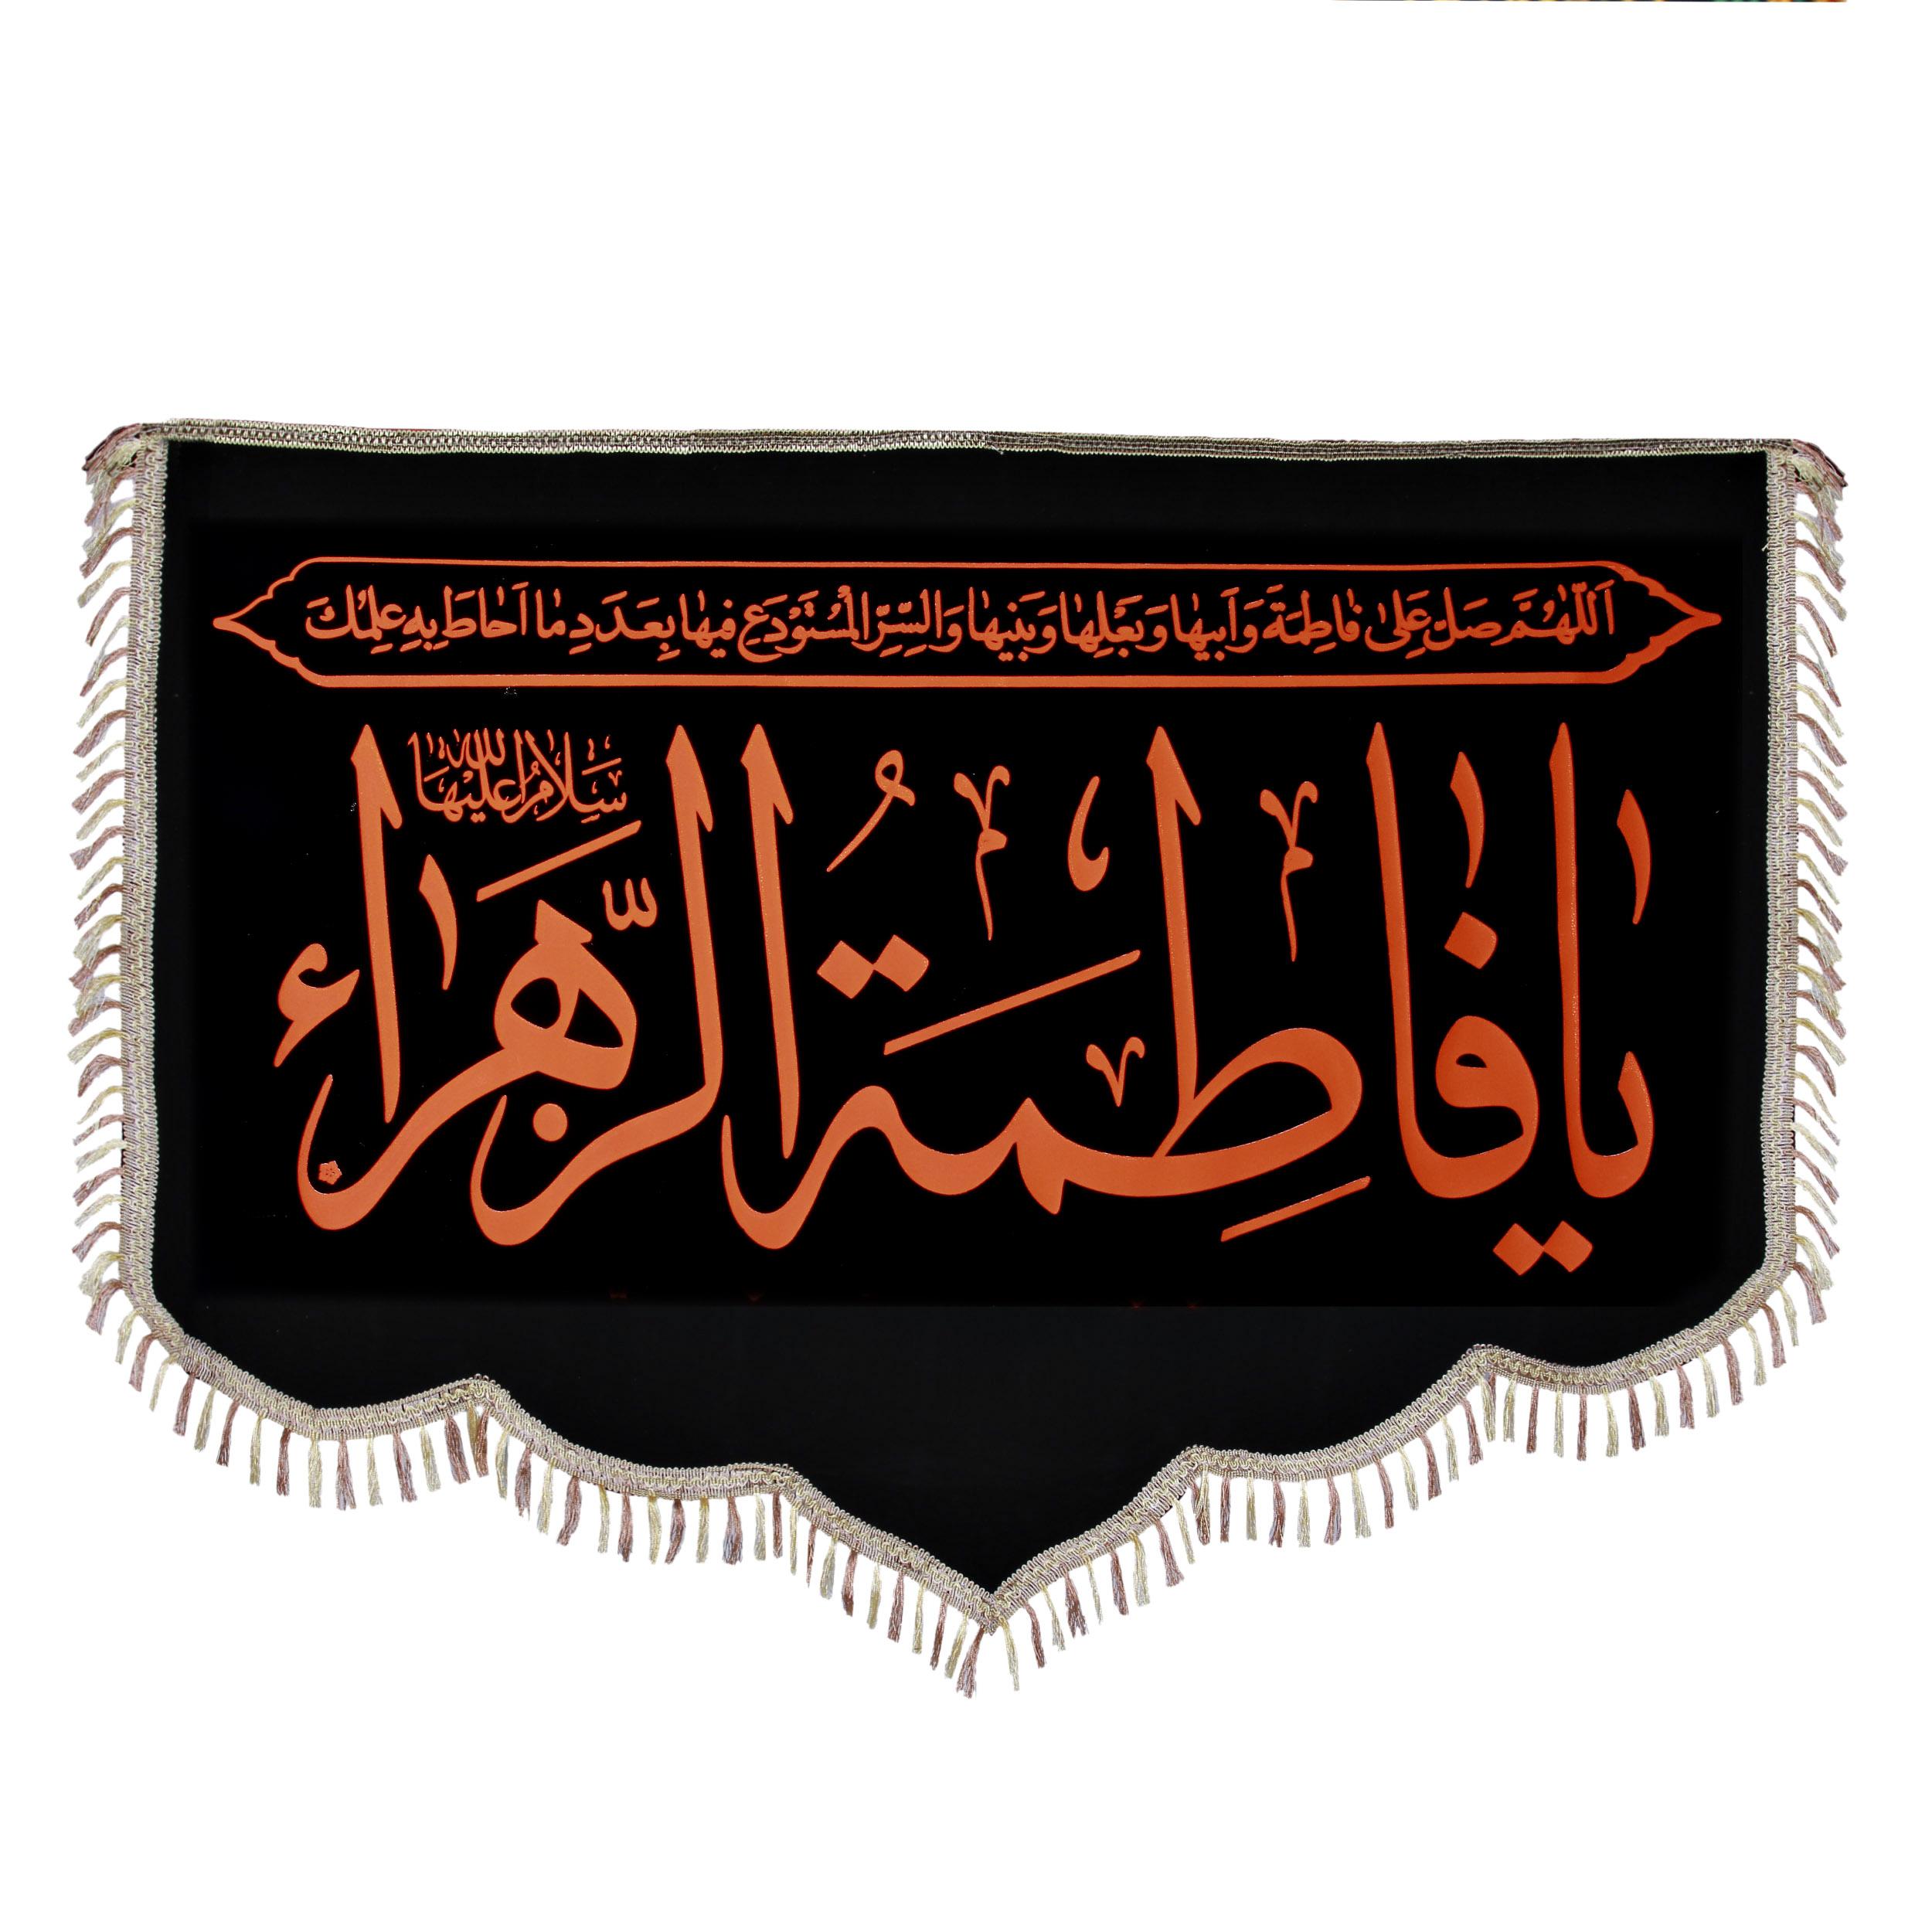 پرچم  بازرگانی میلادی مدل دیواری طرح  مذهبی یا فاطمه الزهرا  سلام الله علیه کد PAR-115